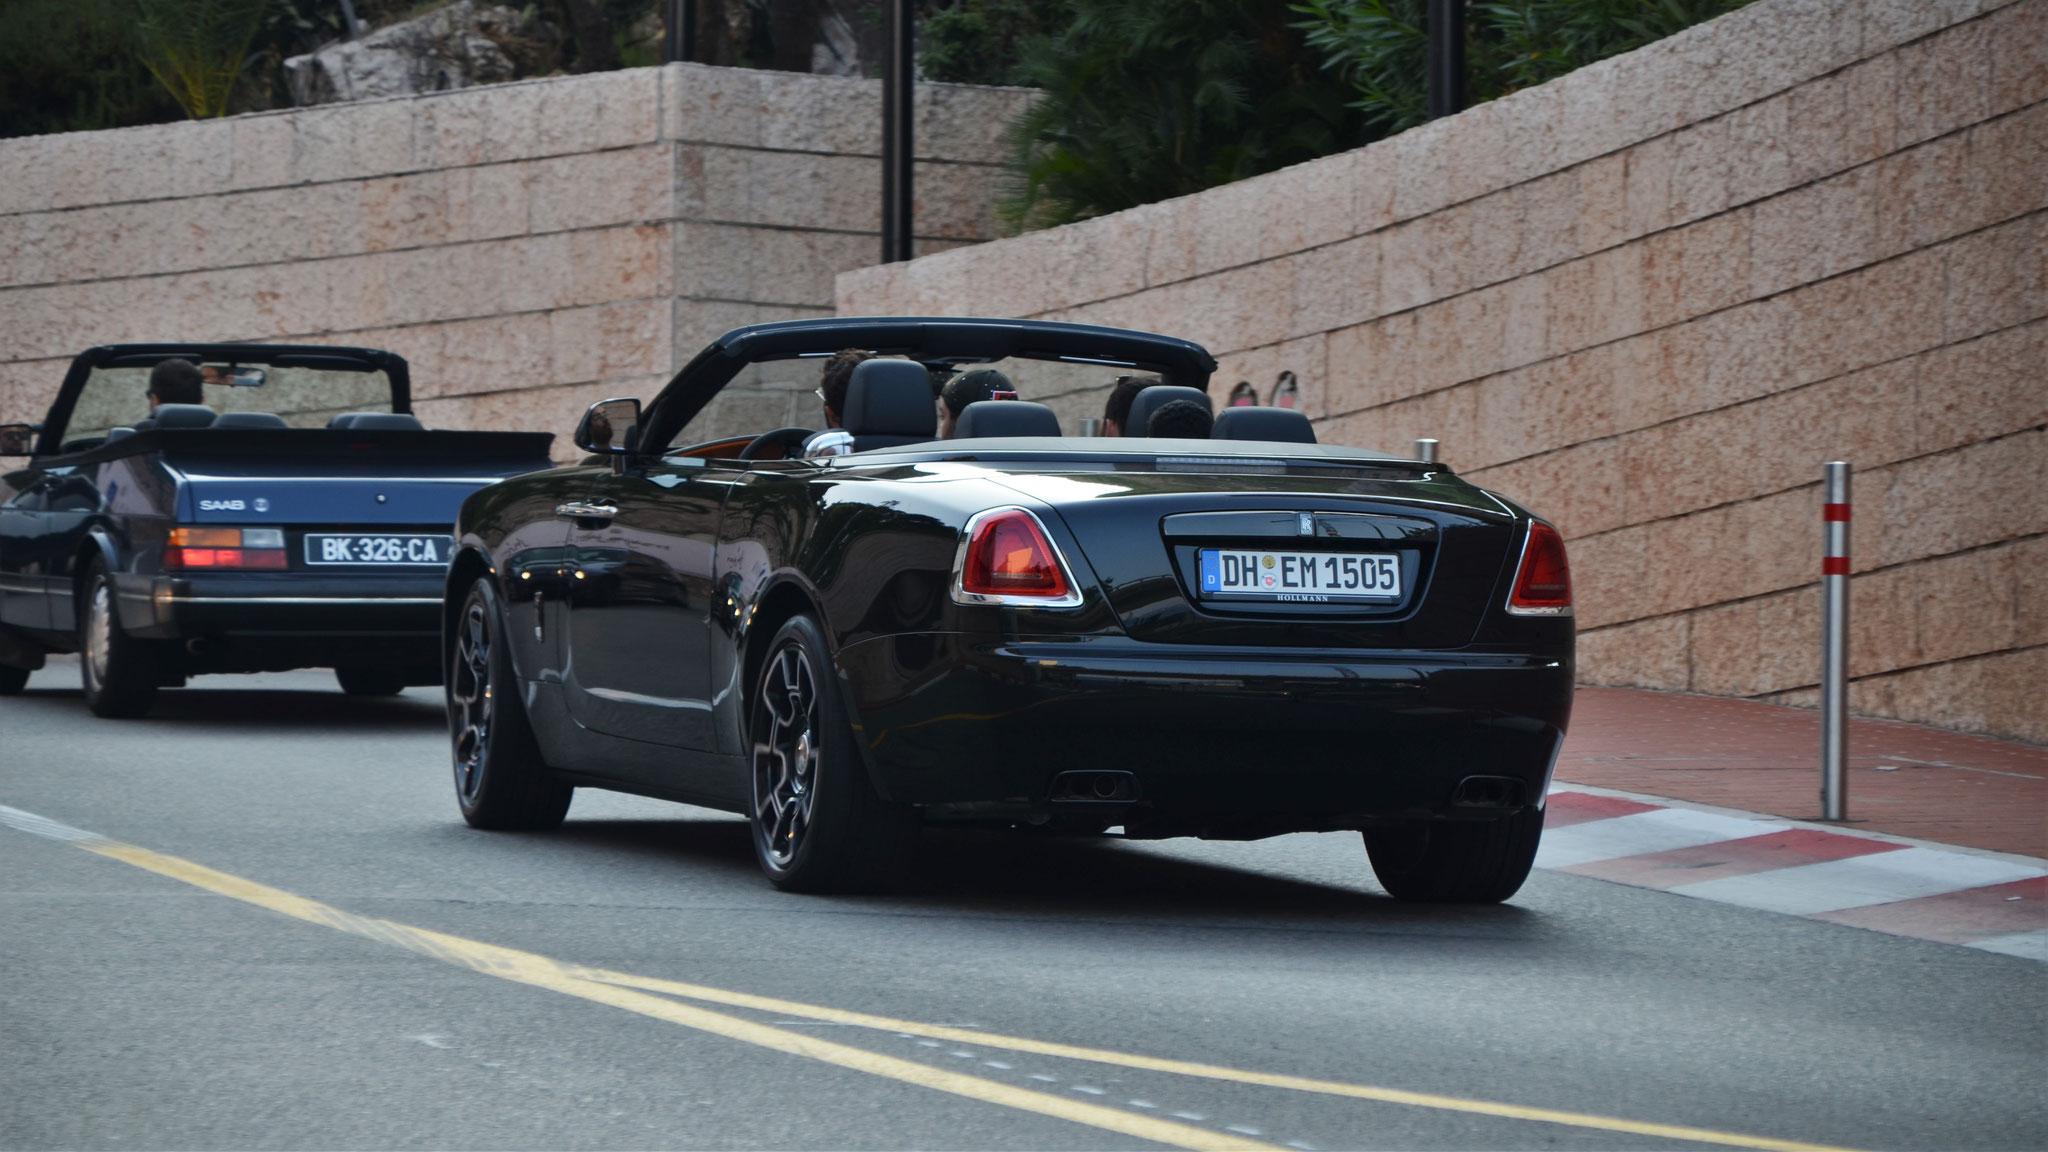 Rolls Royce Dawn Black Badge - DH-EM-1505